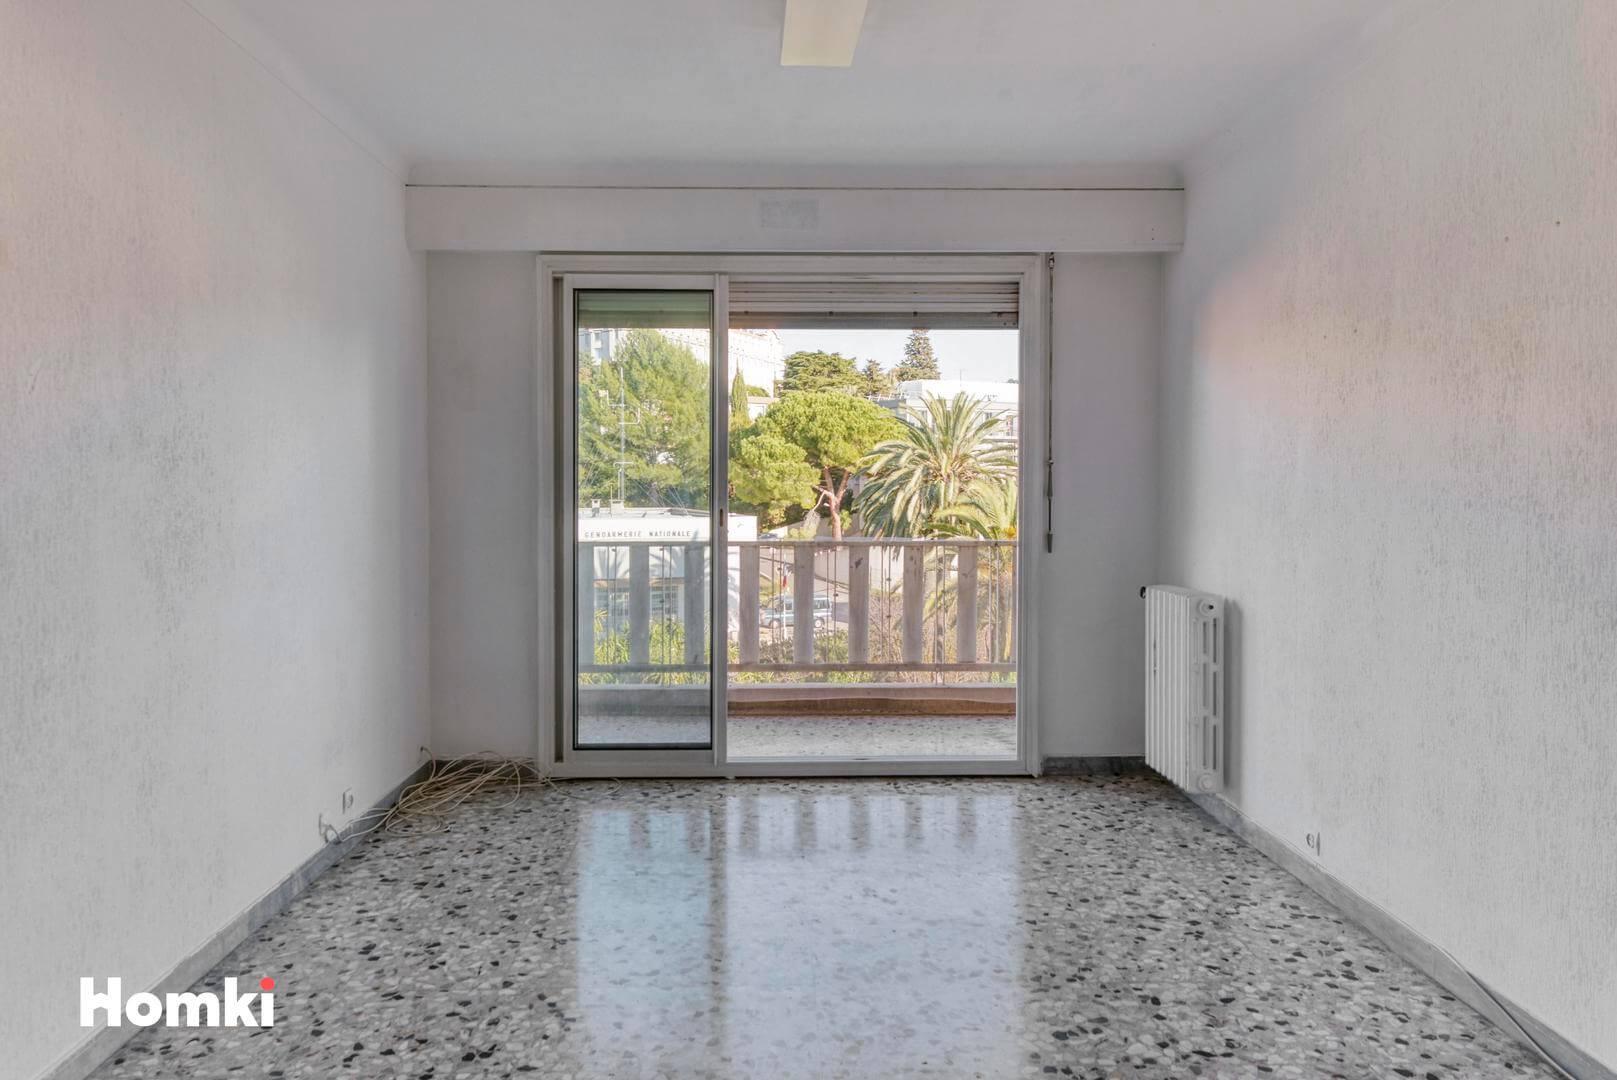 Homki - Vente Appartement  de 67.6 m² à Cannes 06400